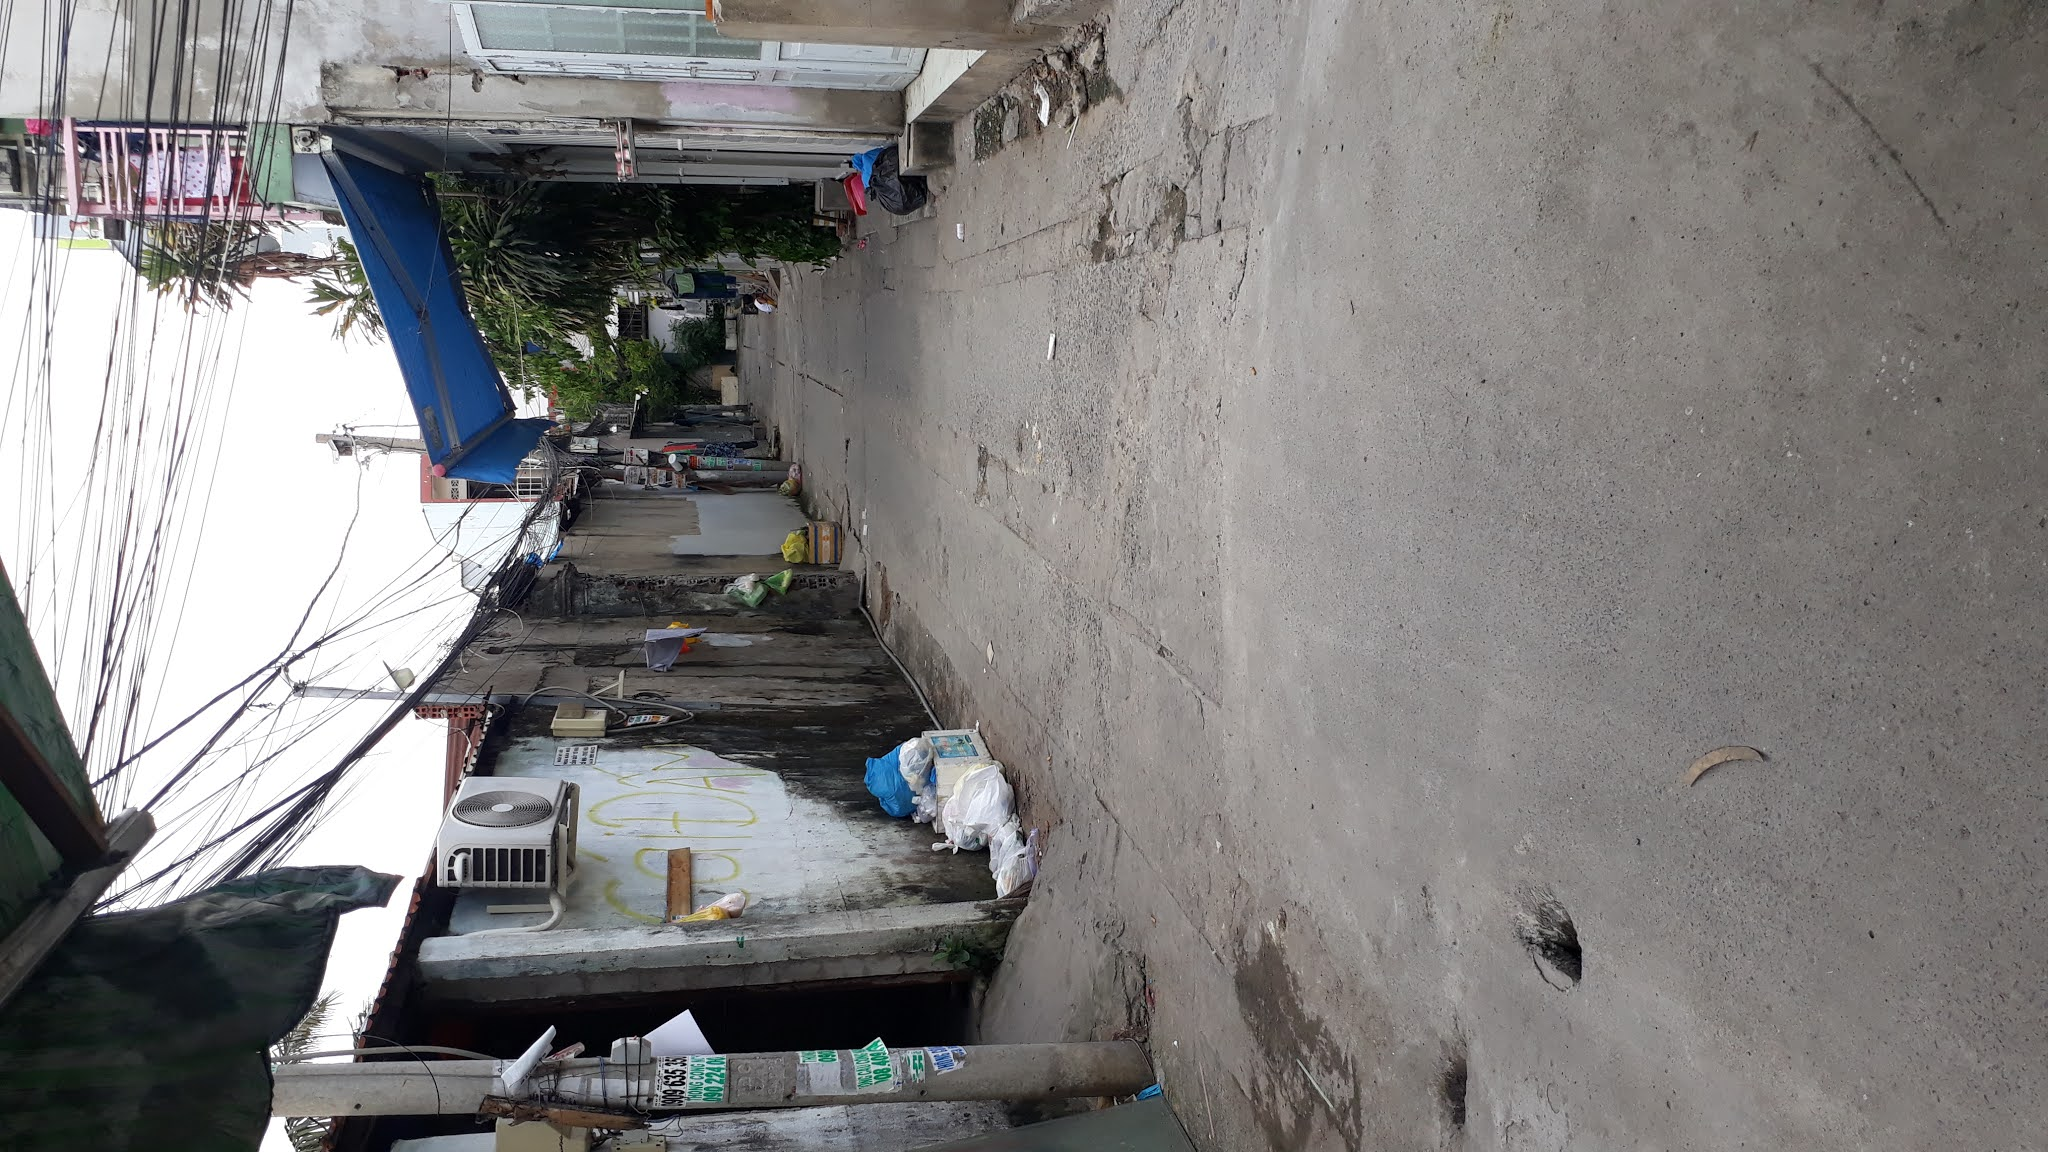 Bán nhà hẻm C2 Phạm Hùng Bình Hưng Bình Chánh dưới 2 tỷ